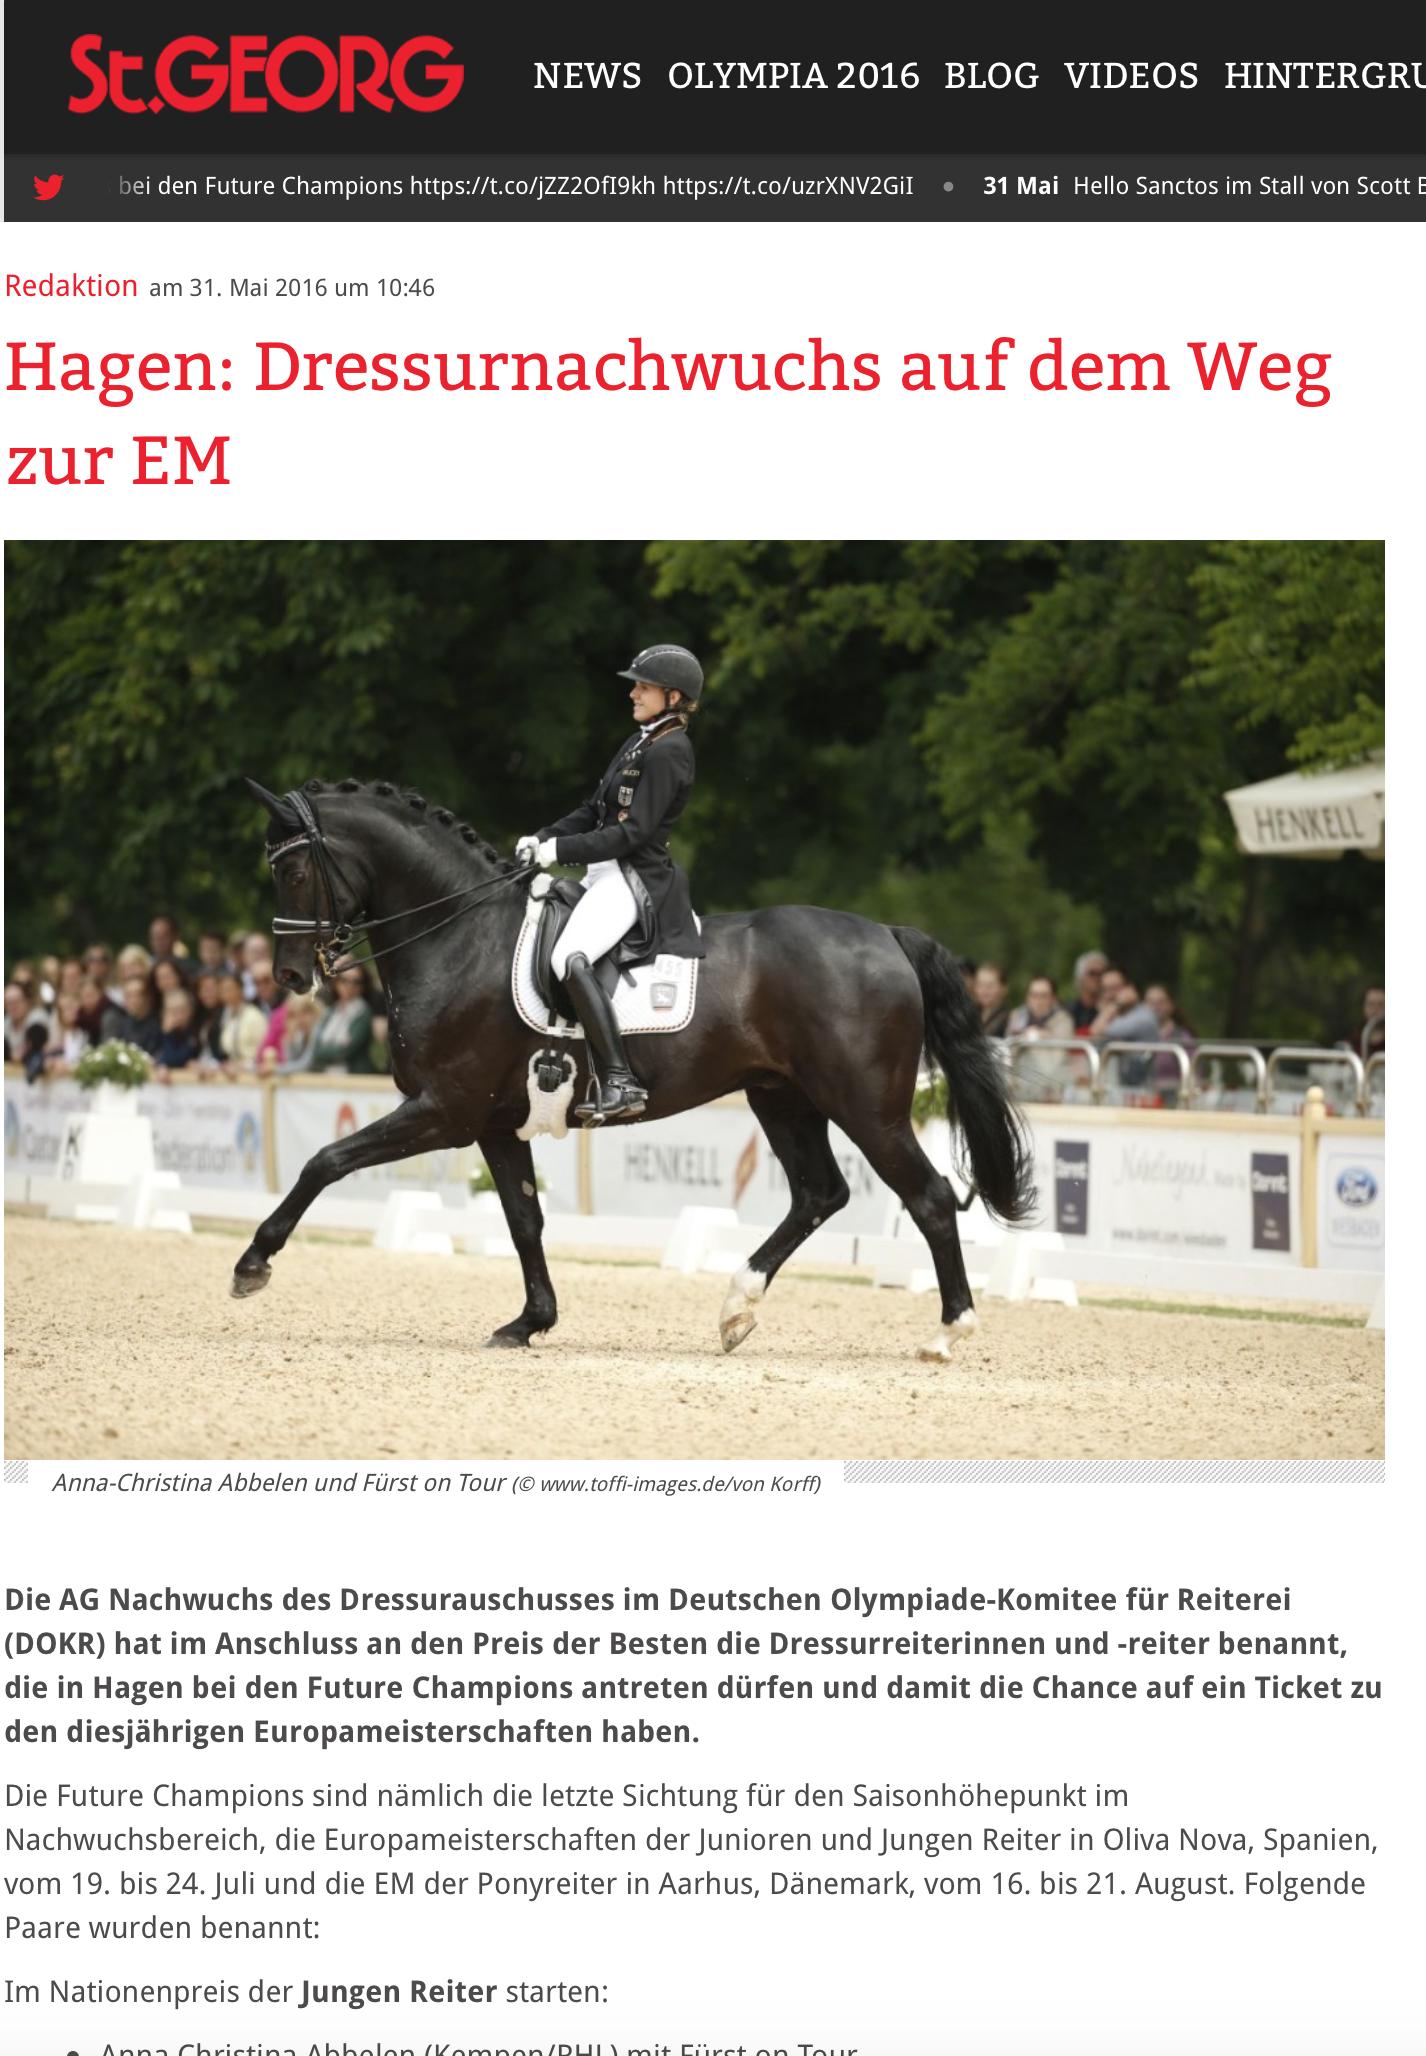 Hagen: Dressurnachwuchs auf dem Weg zur EM